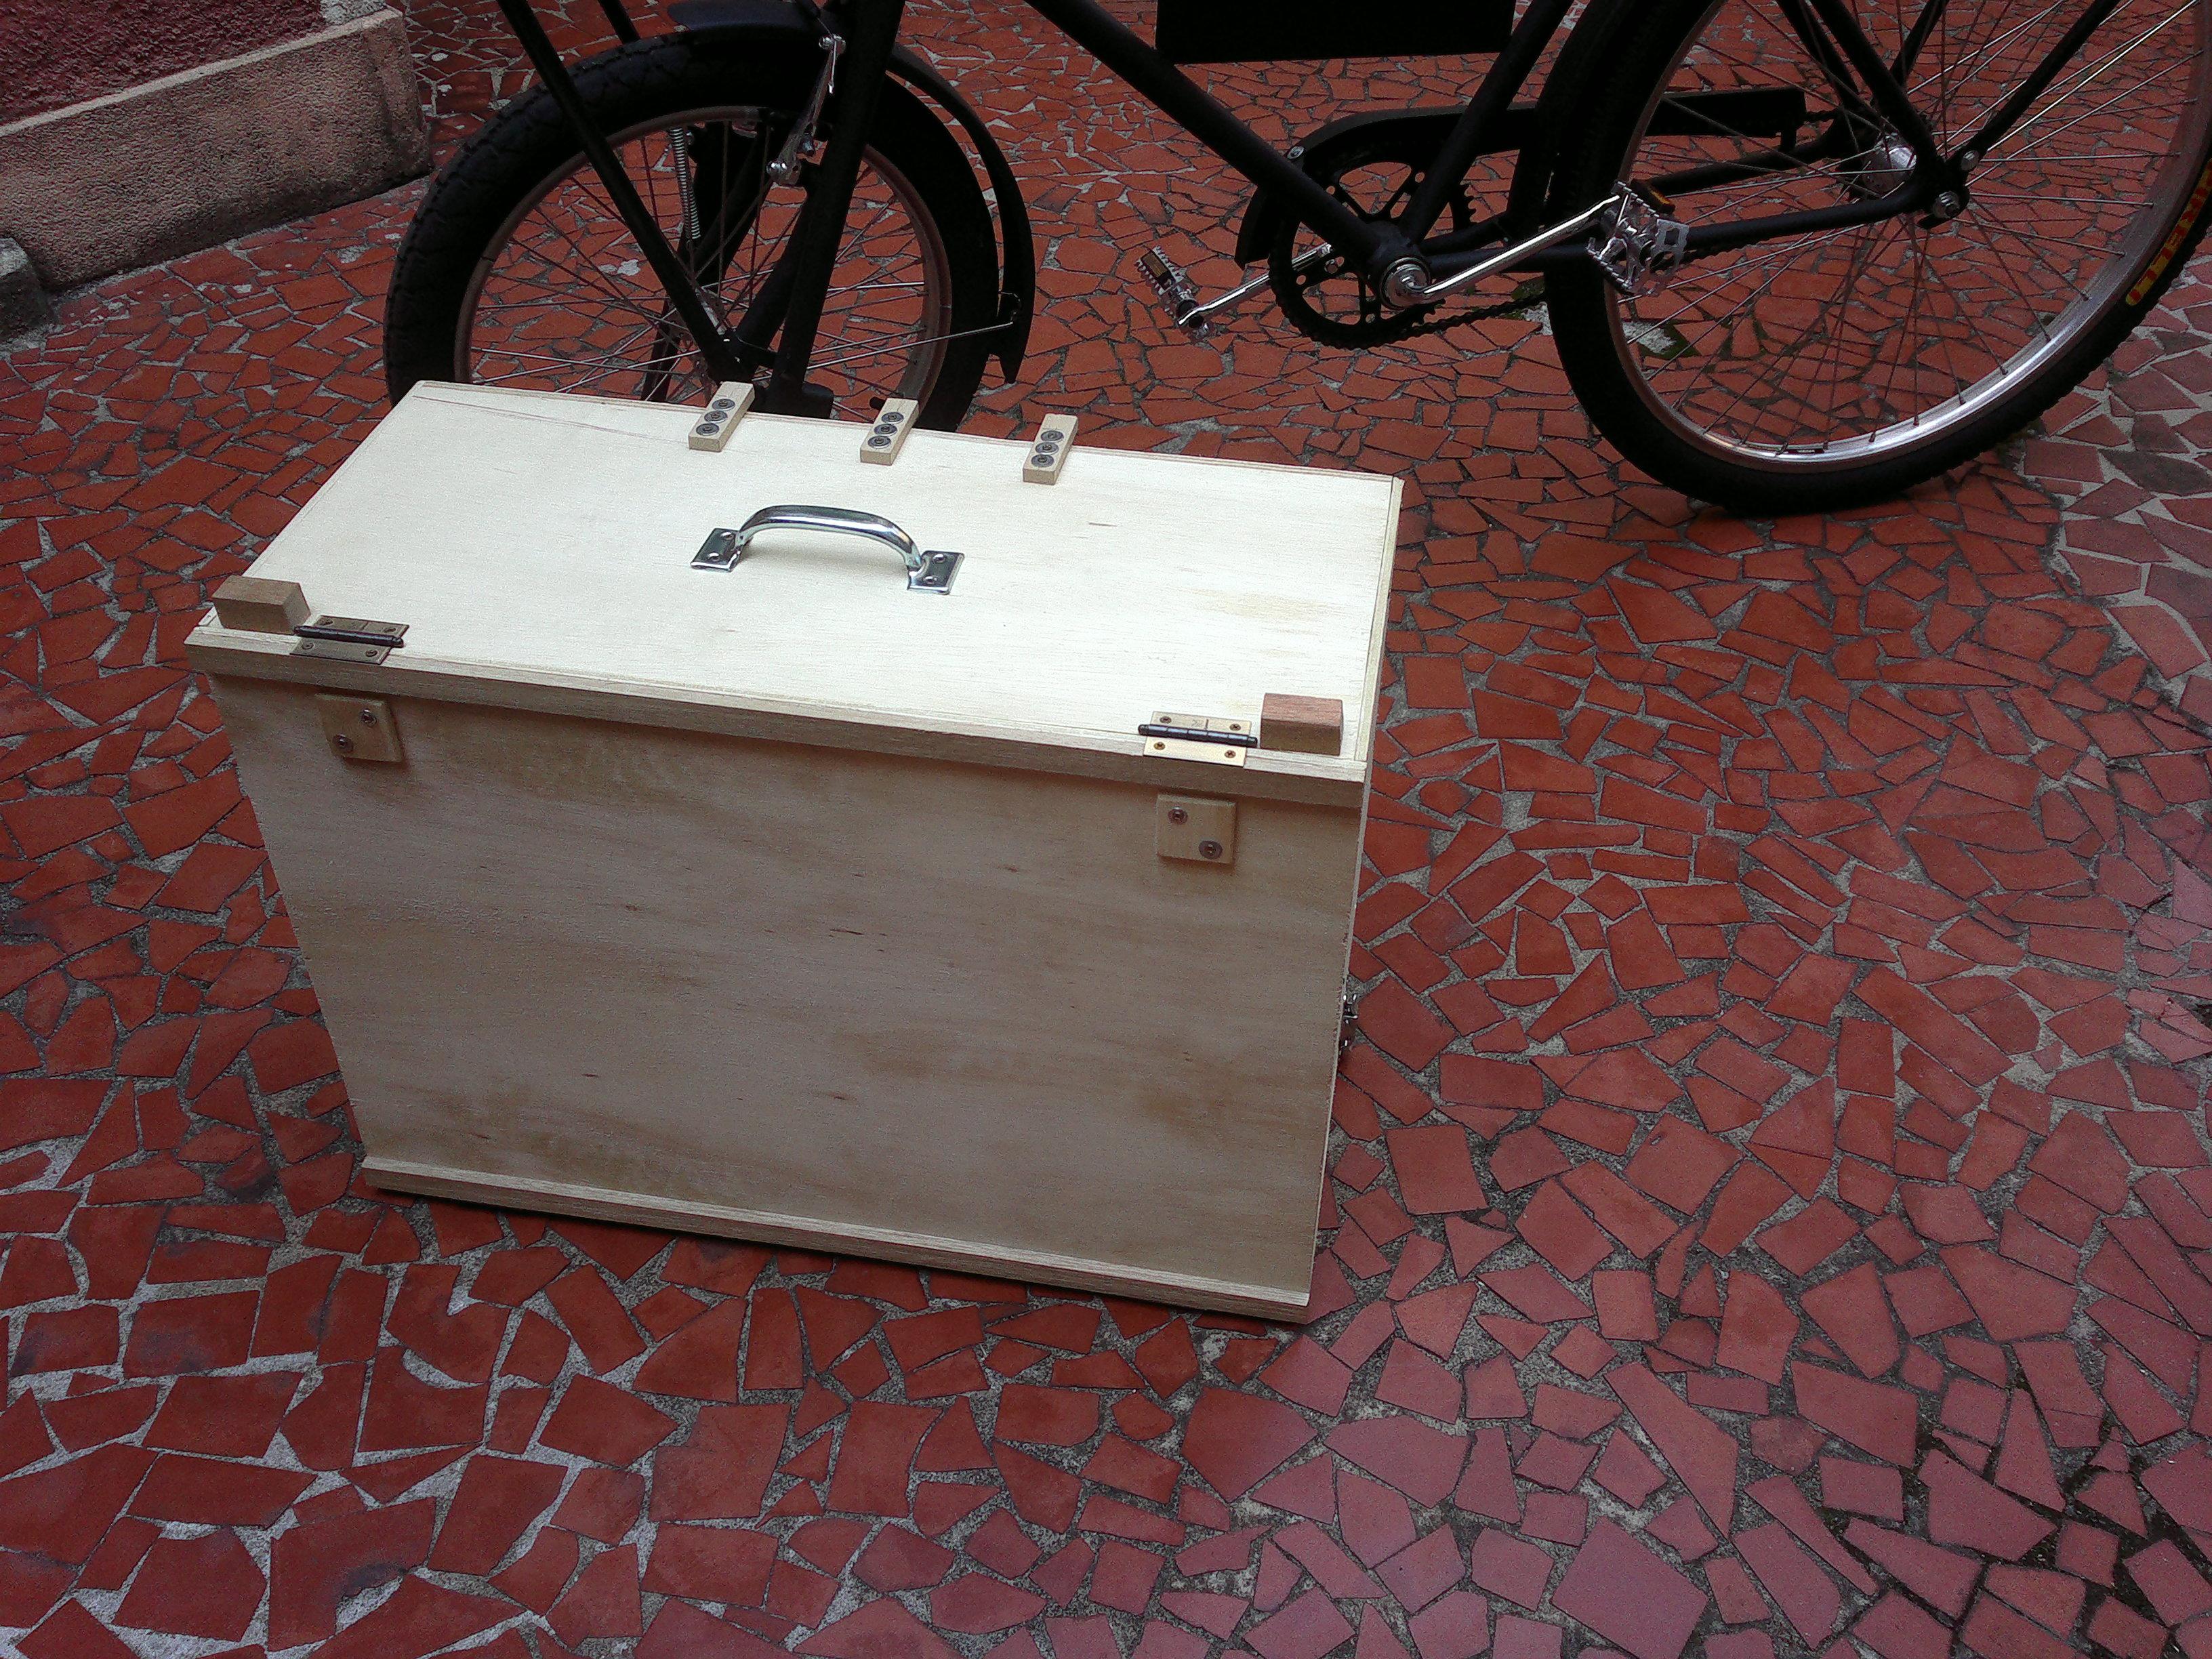 caixa fechada para transporte. Vira uma maleta razoavelmente leve. #673837 3264x2448